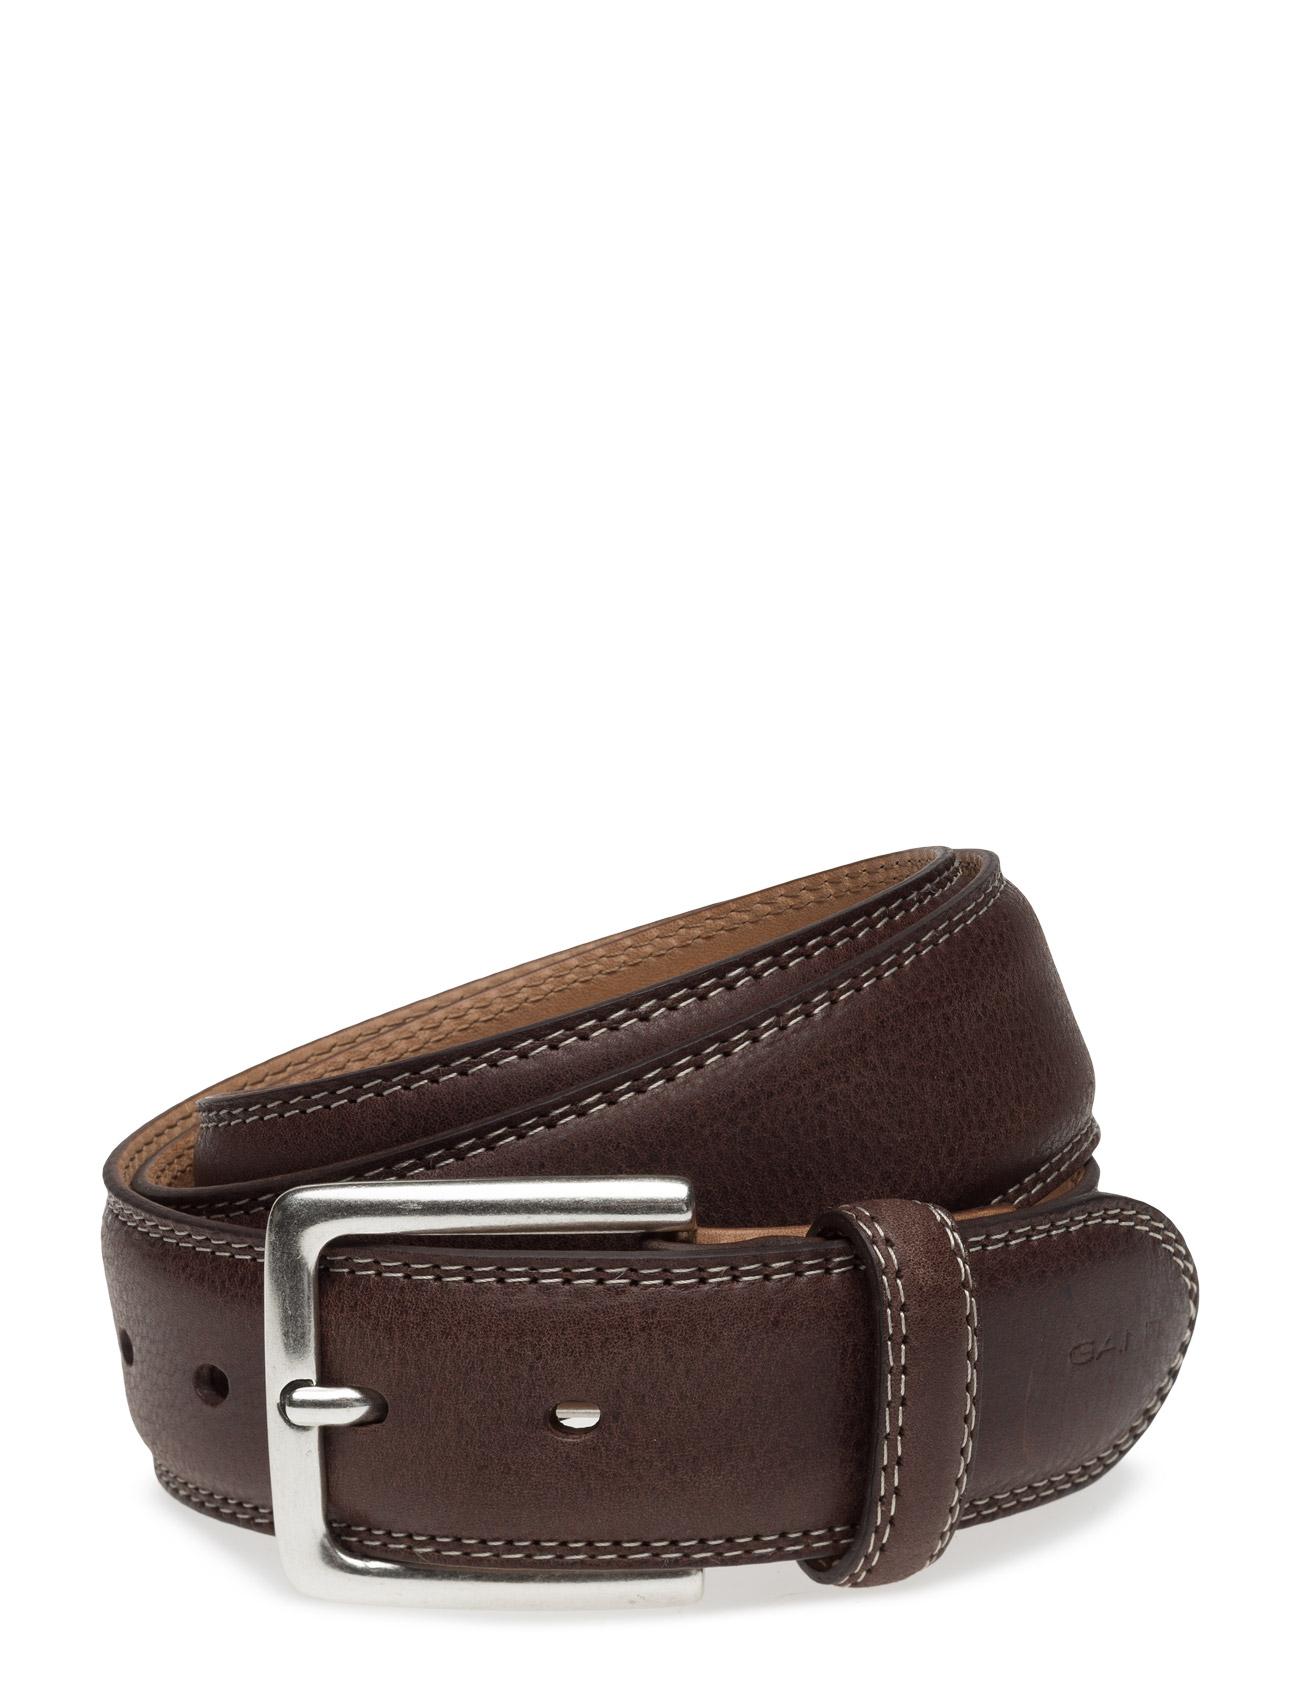 Classic Jeans Belt GANT Bælter til Herrer i Mørkebrun